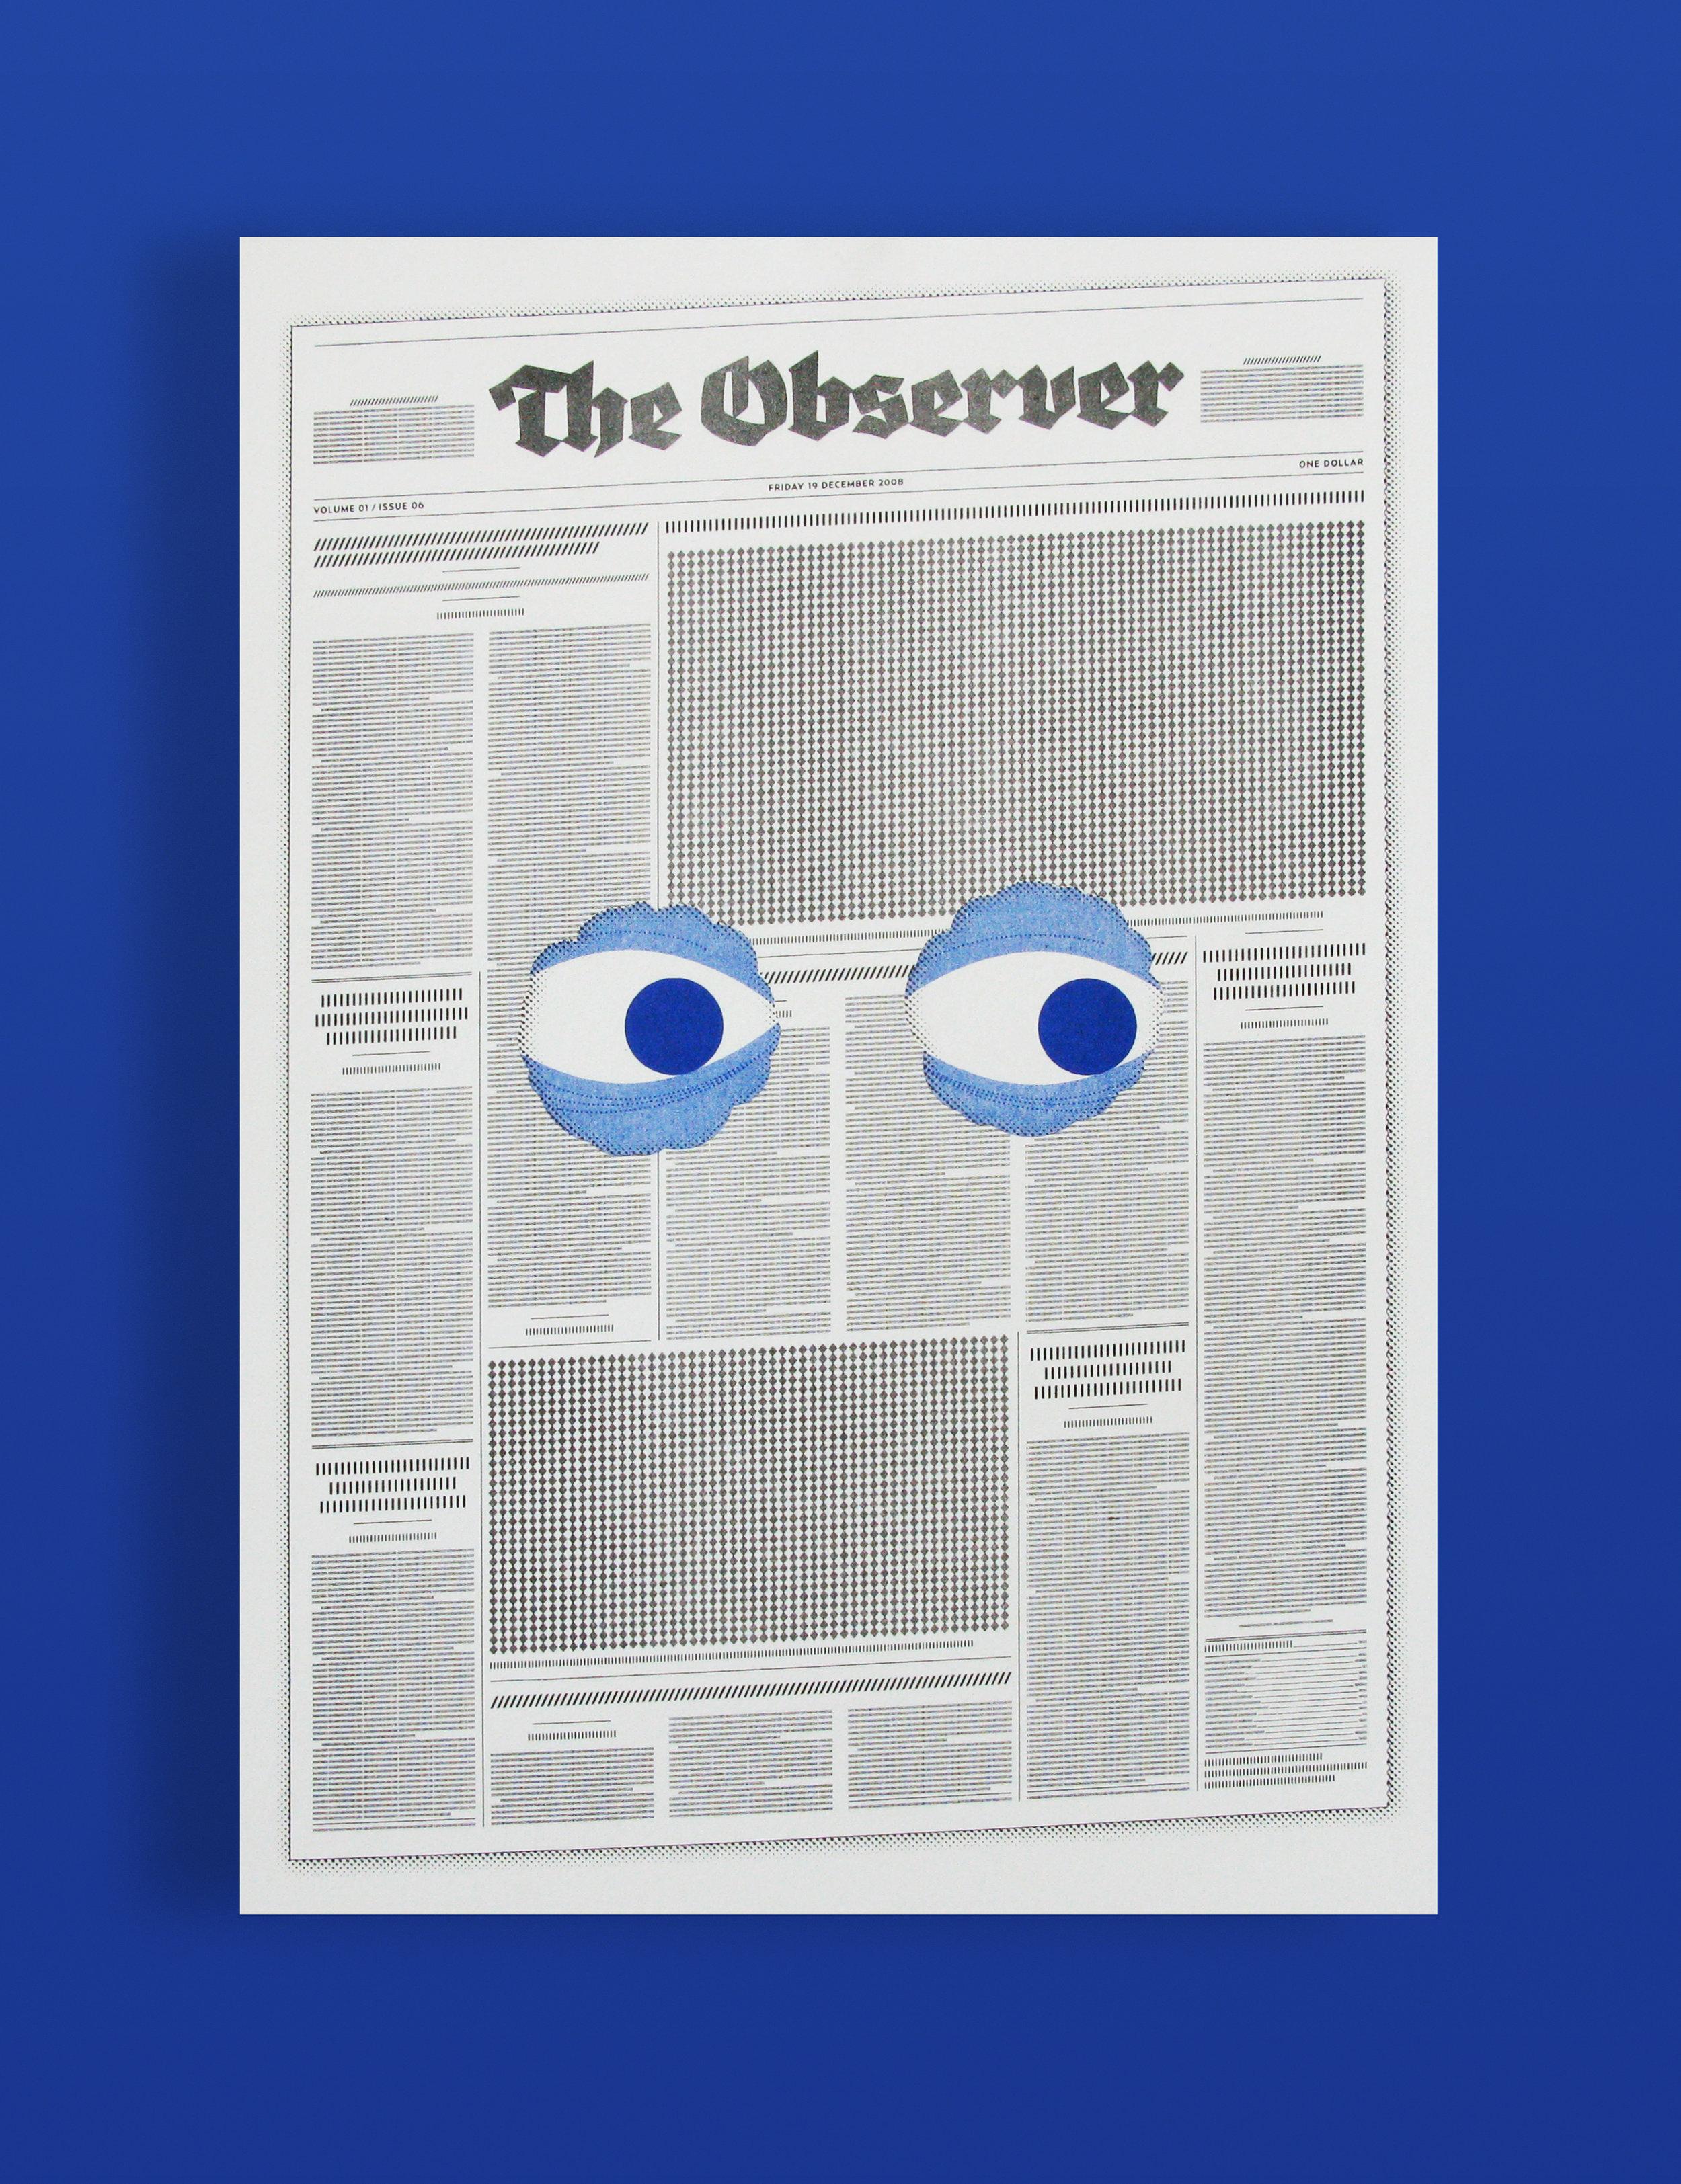 HSITI_The_Observer_Poster.jpg